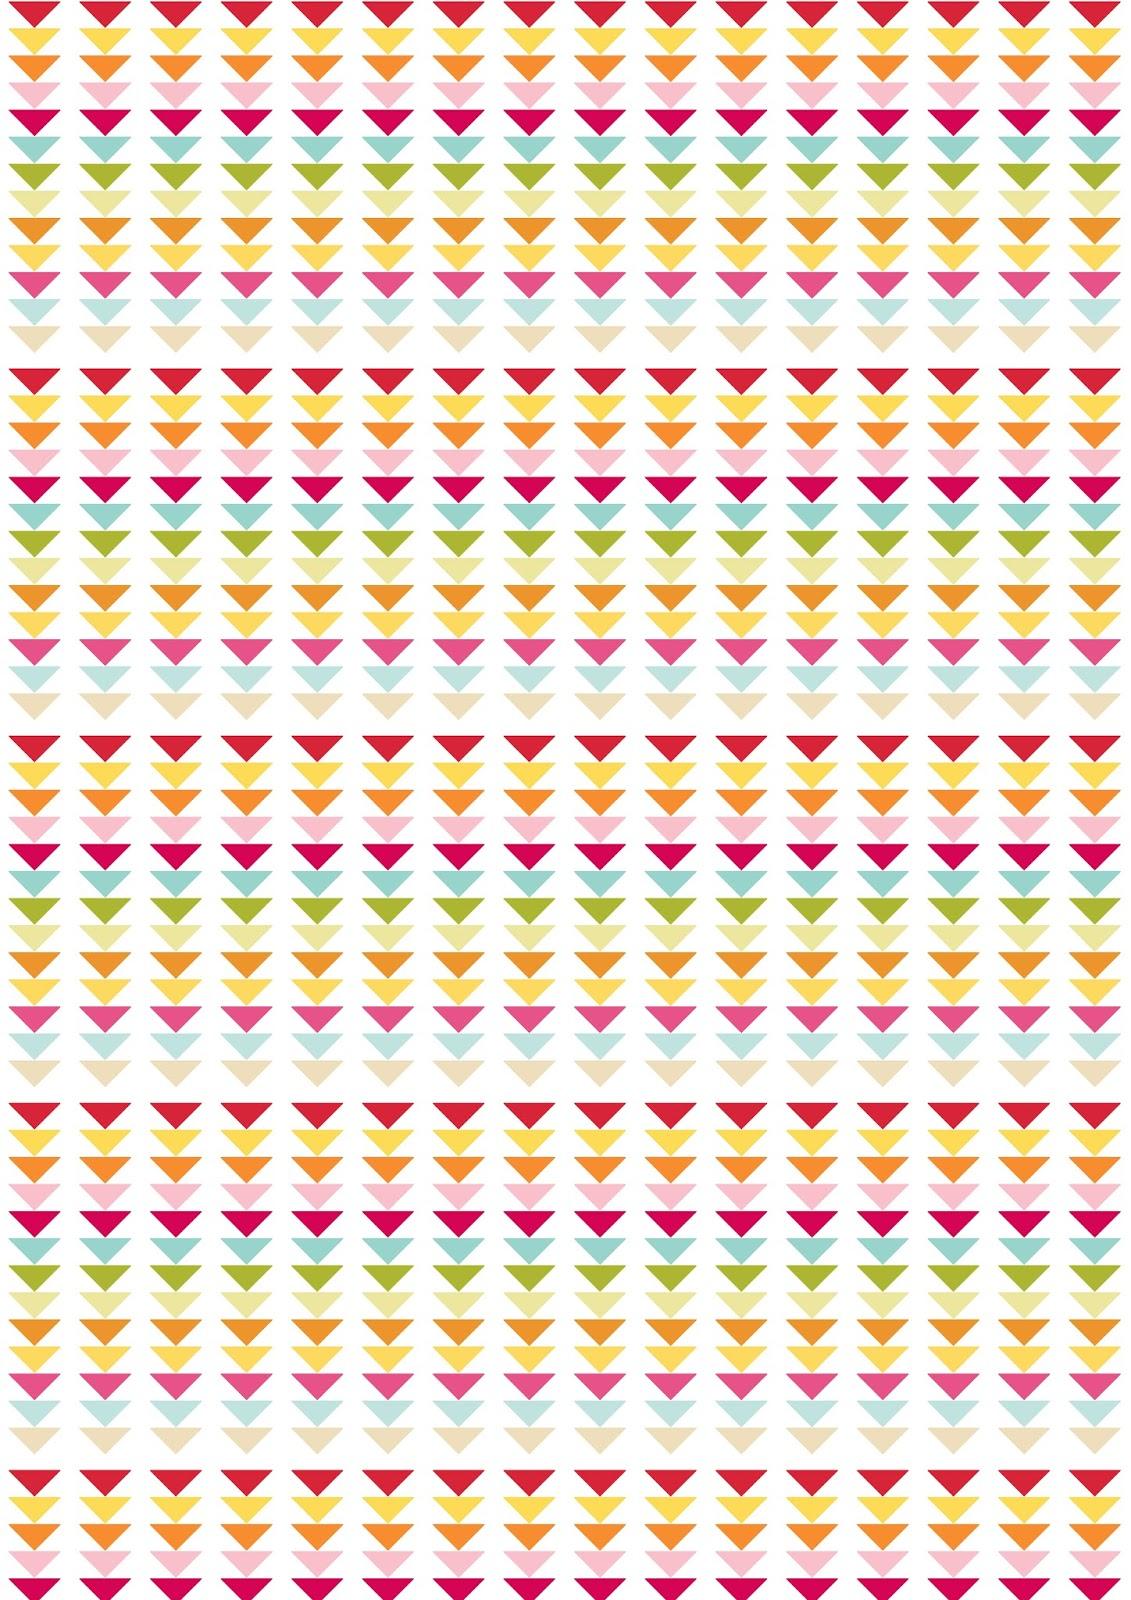 http://3.bp.blogspot.com/-8hGaOS-A_aU/VOsWA8WWMUI/AAAAAAAAiMM/JR6pscHPDw0/s1600/lucky_triangle_paper_A4.jpg